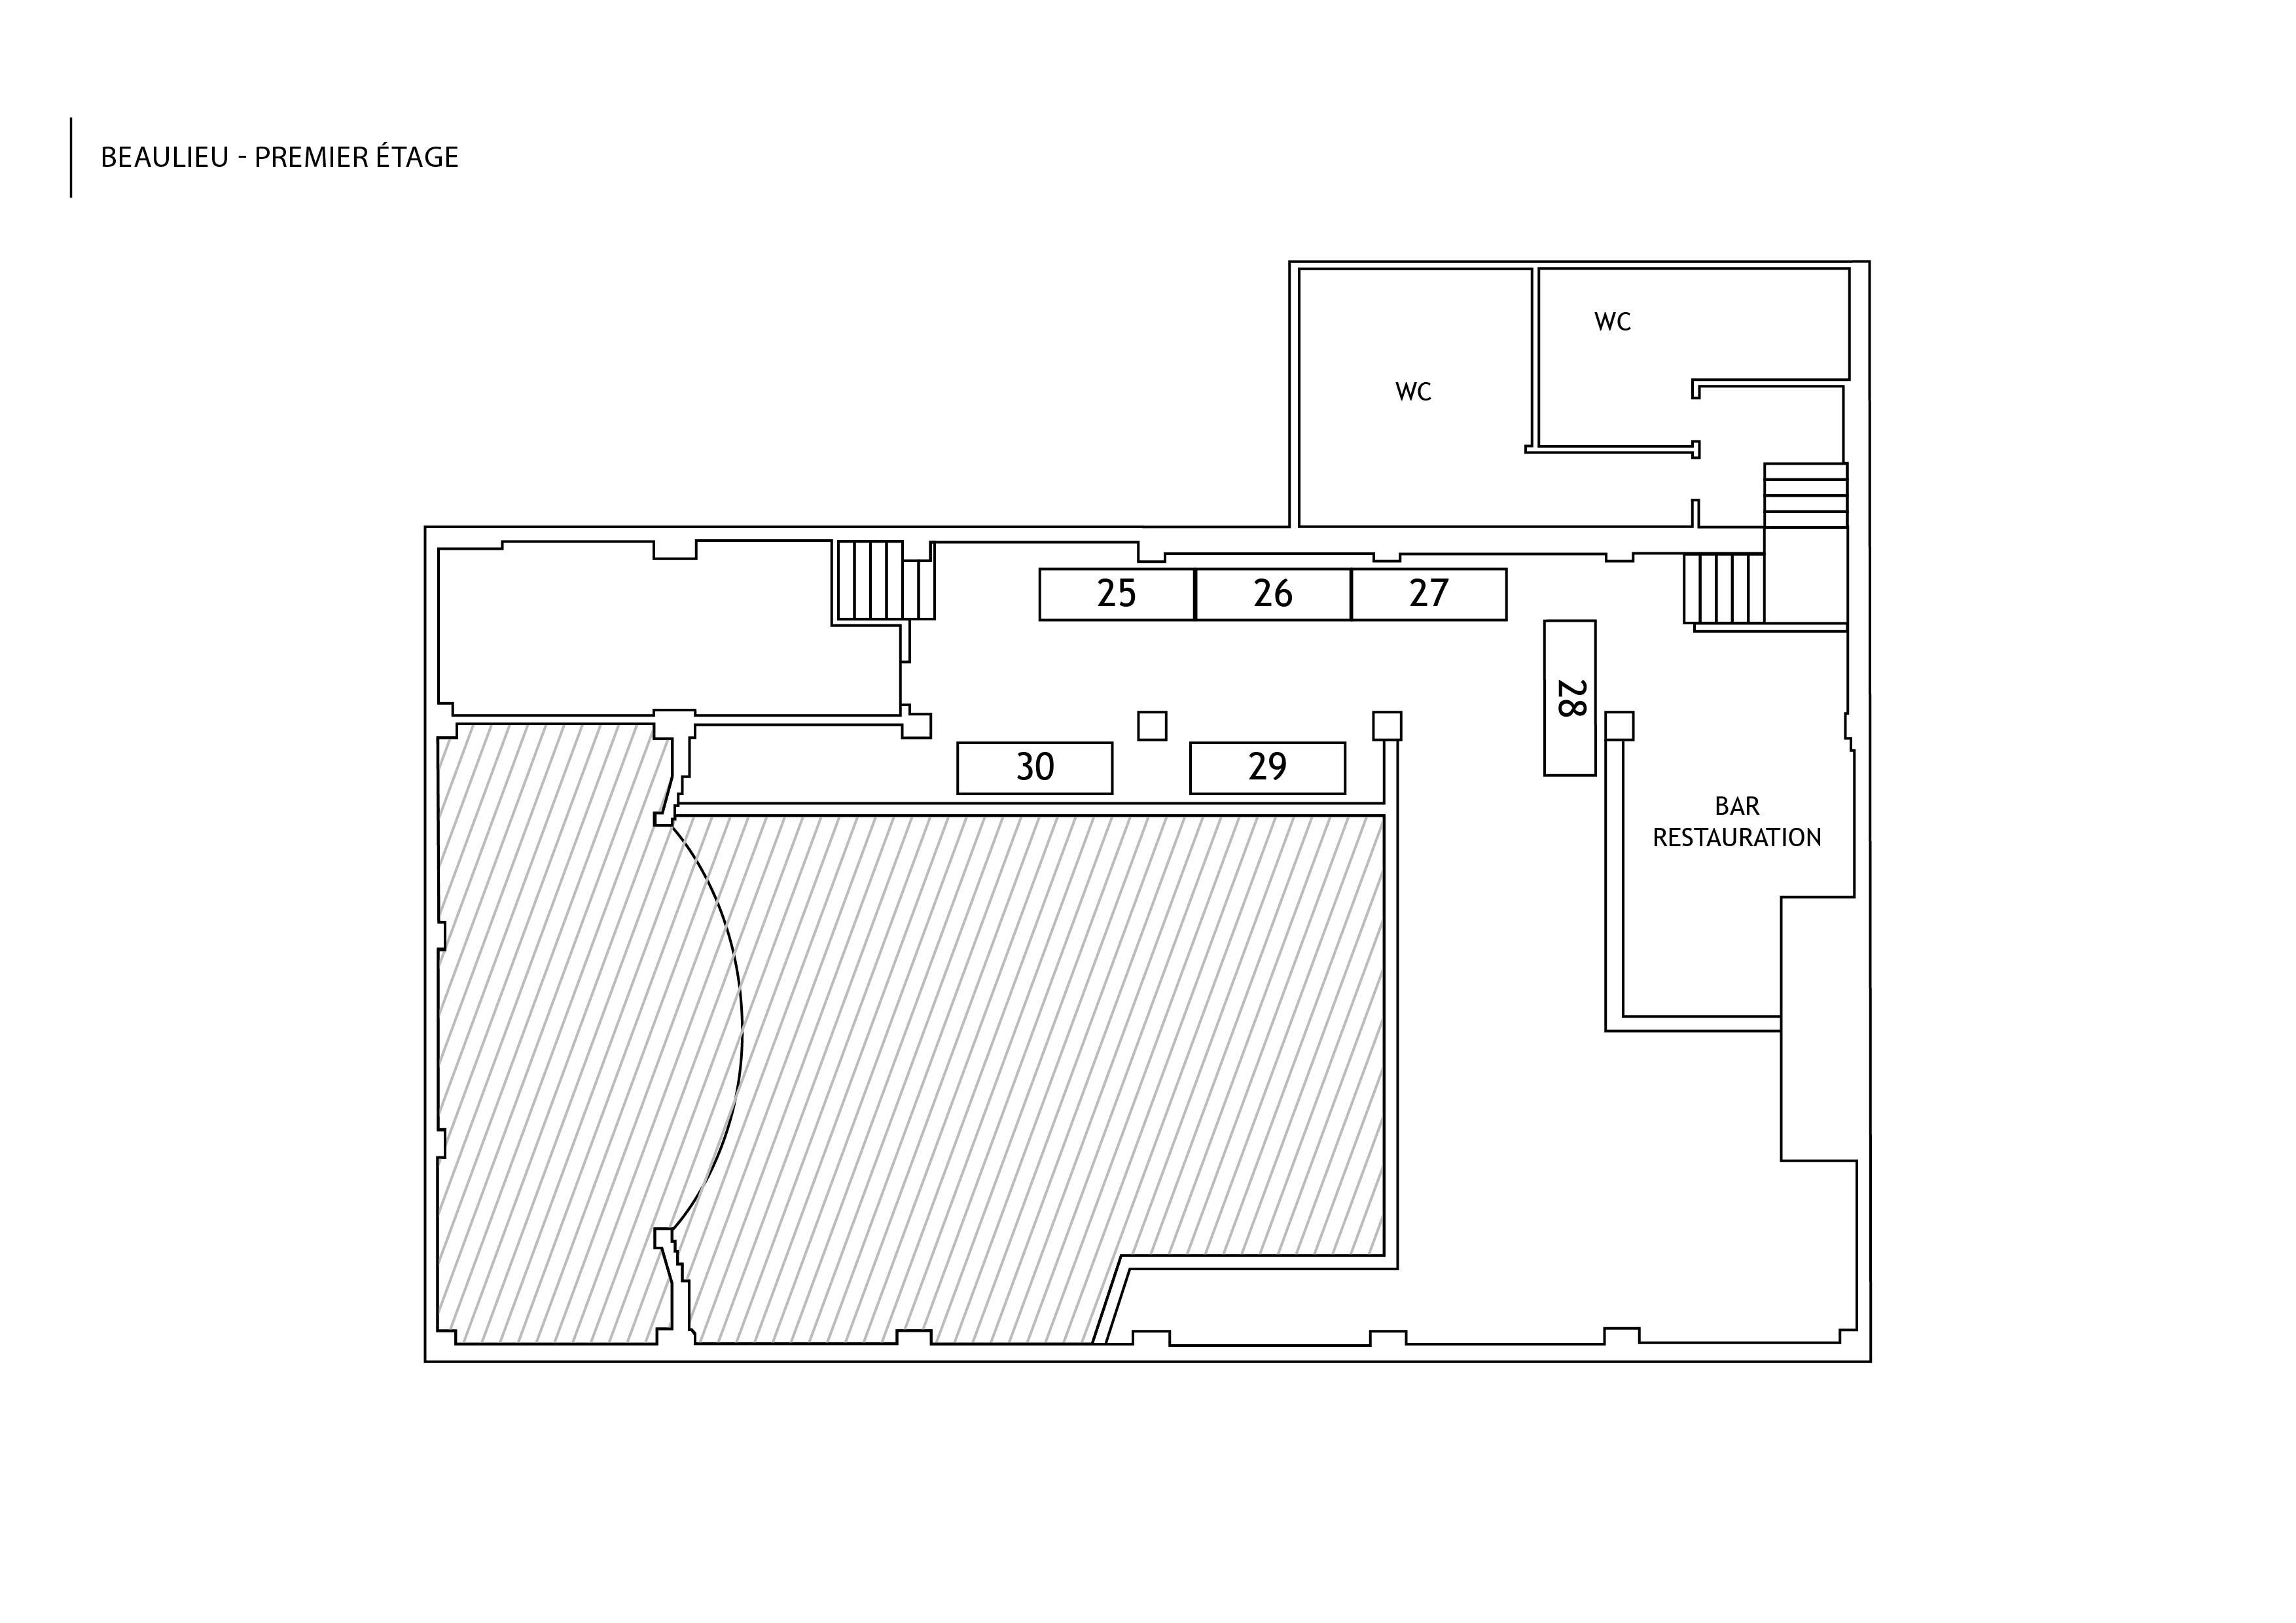 beaulieu_plan_site_1-06